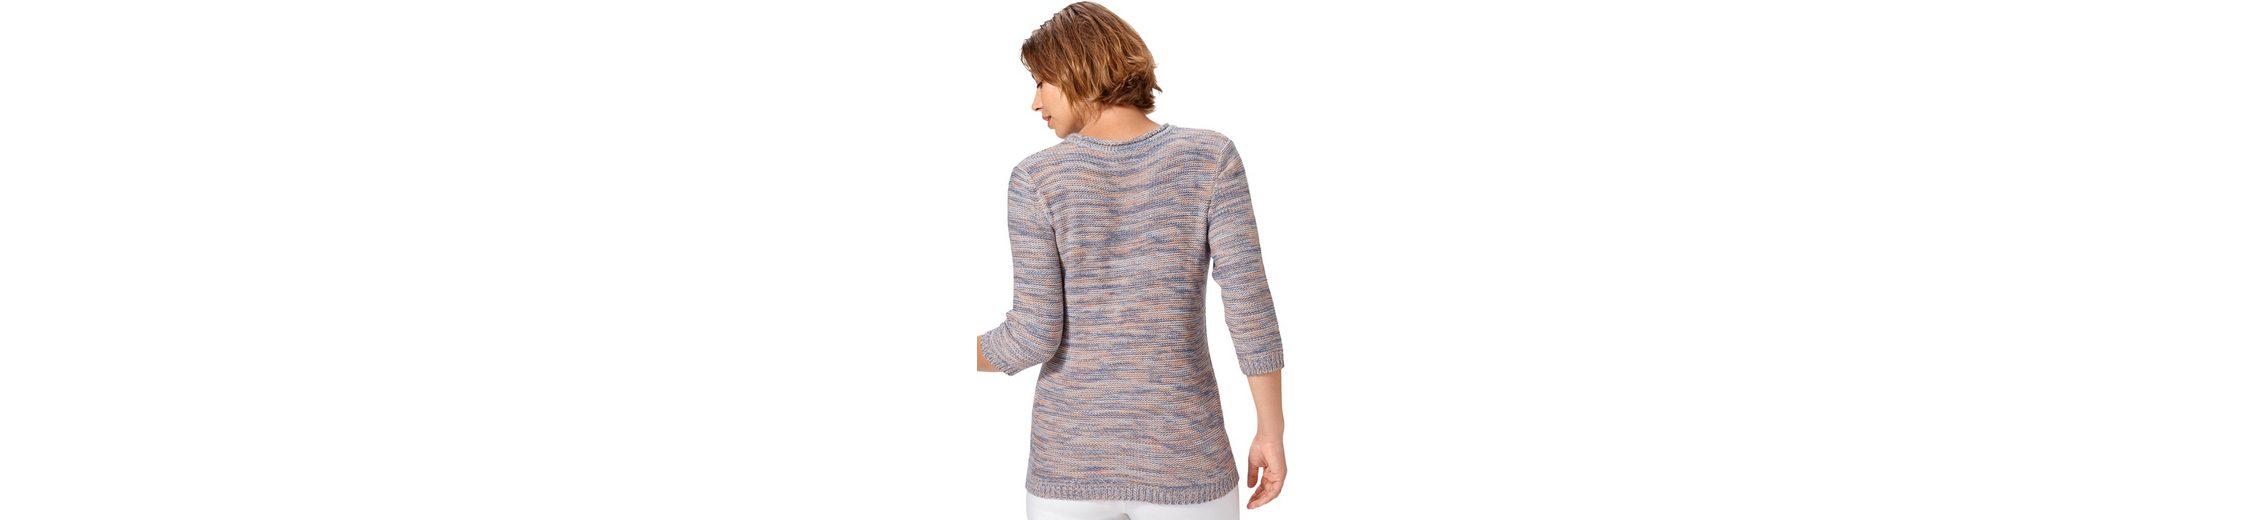 Lieferung Frei Haus Mit Paypal Classic Basics Pullover mit 3/4-Ärmeln Niedrig Kosten Günstig Online In Deutschland Verkauf Bestseller Erschwinglich Q46R4